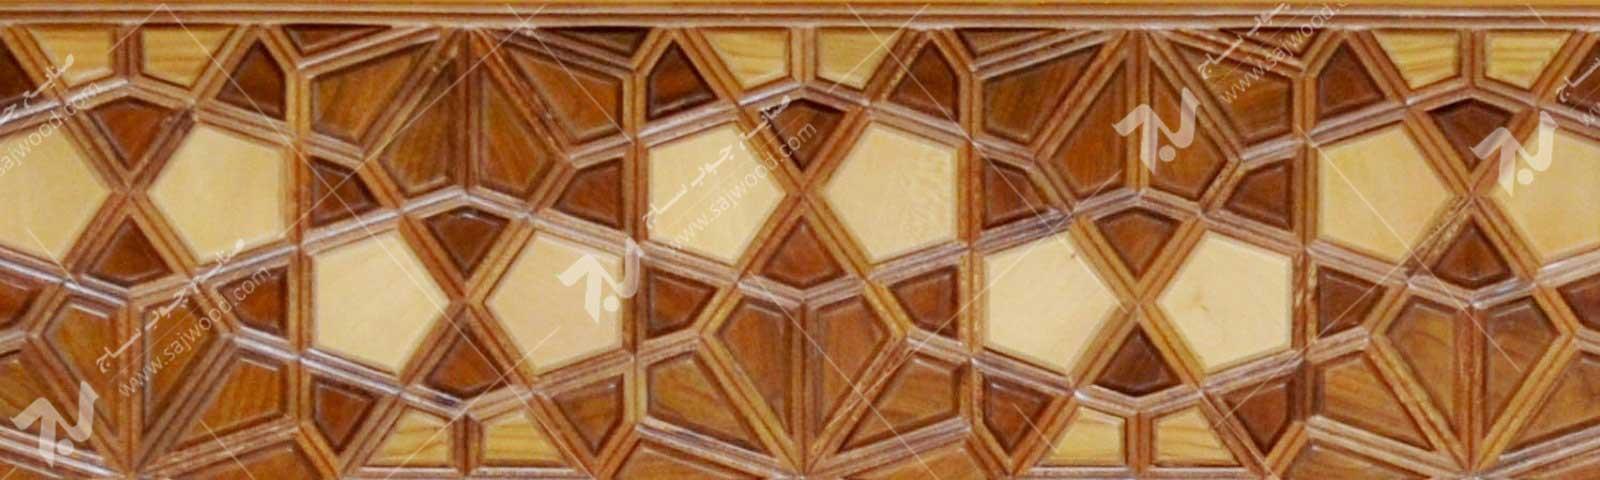 درب چوبی گره چینی سنتی  طرح کند دوپنج  کد C10